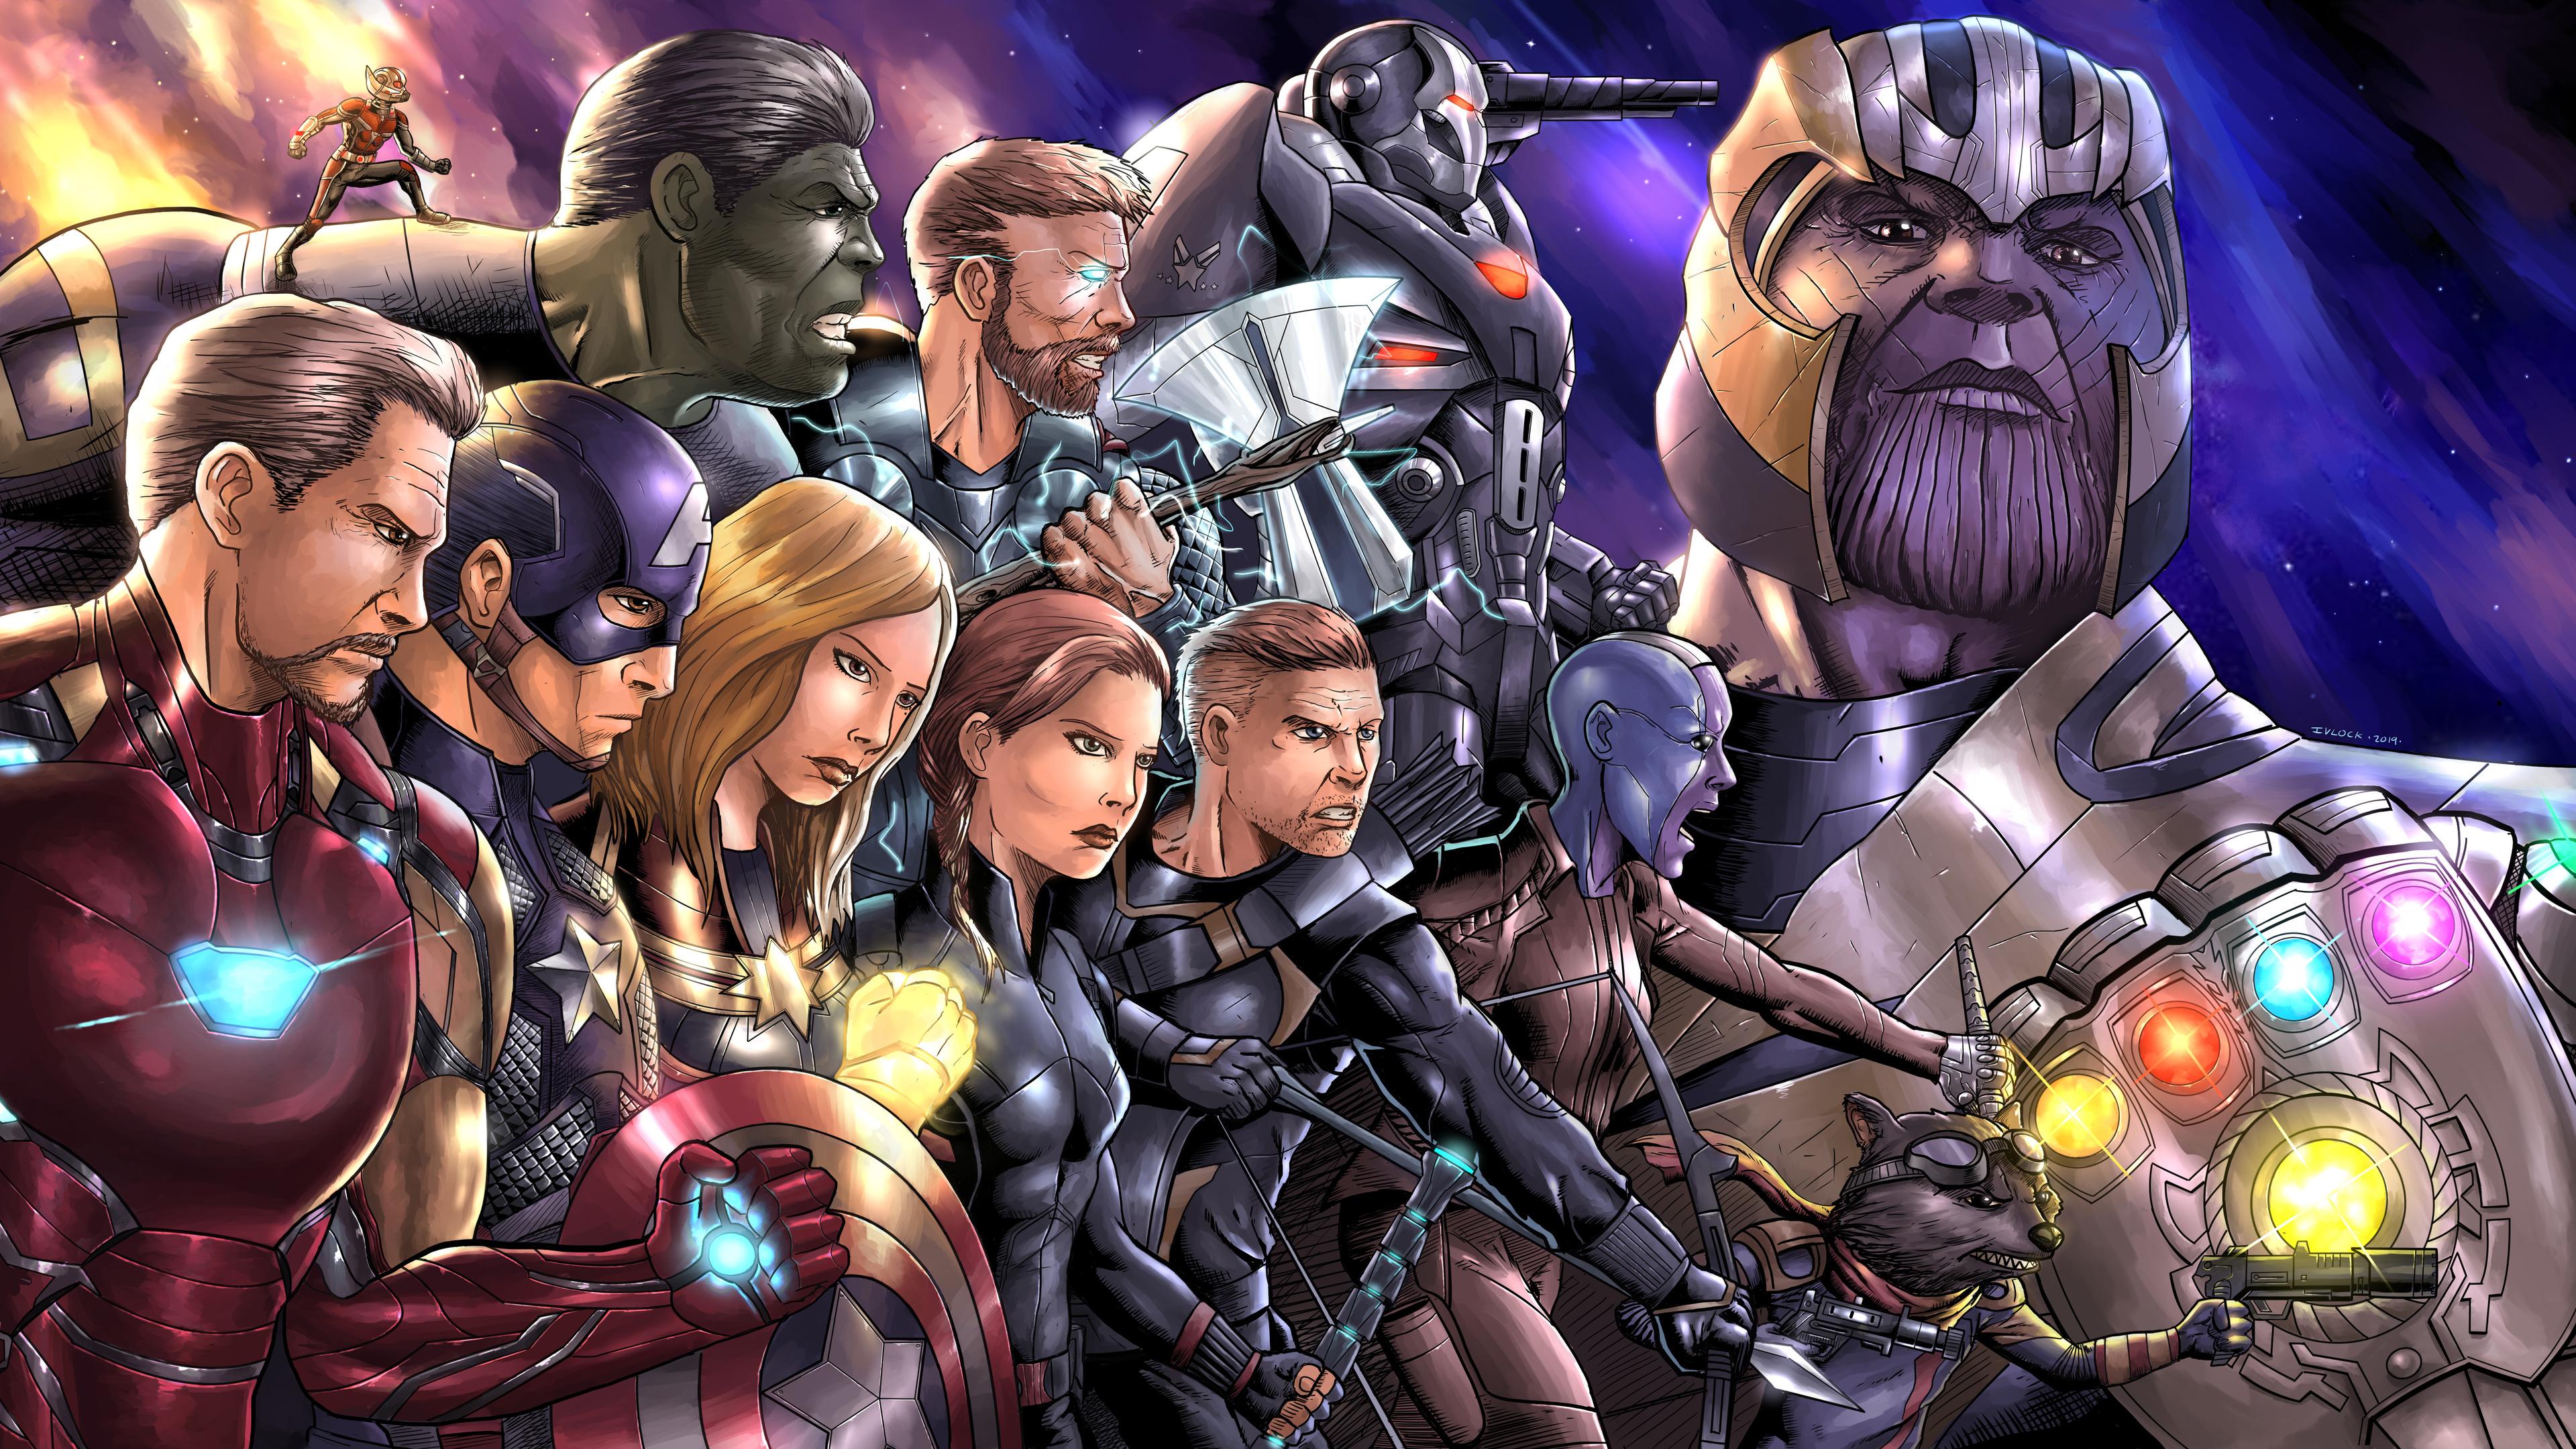 avengers endgame new artwork 4k 1559764359 - Avengers Endgame New Artwork 4k - thor wallpapers, superheroes wallpapers, hd-wallpapers, deviantart wallpapers, avengers endgame wallpapers, artwork wallpapers, 4k-wallpapers